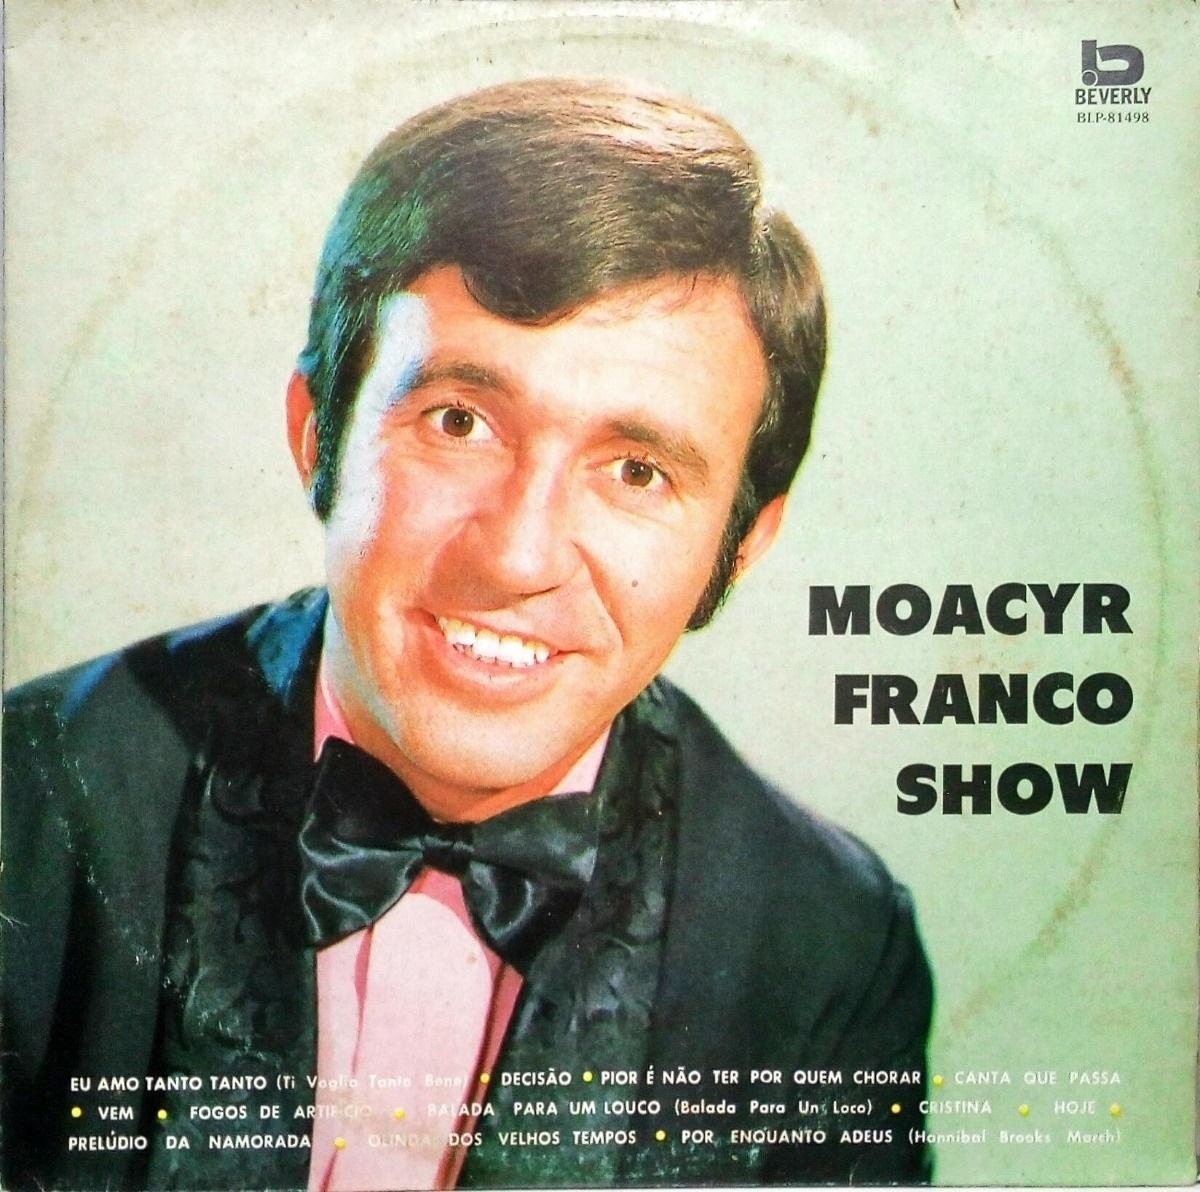 Lp 'Moacyr Franco Show', de 1975 (Foto: reprodução)